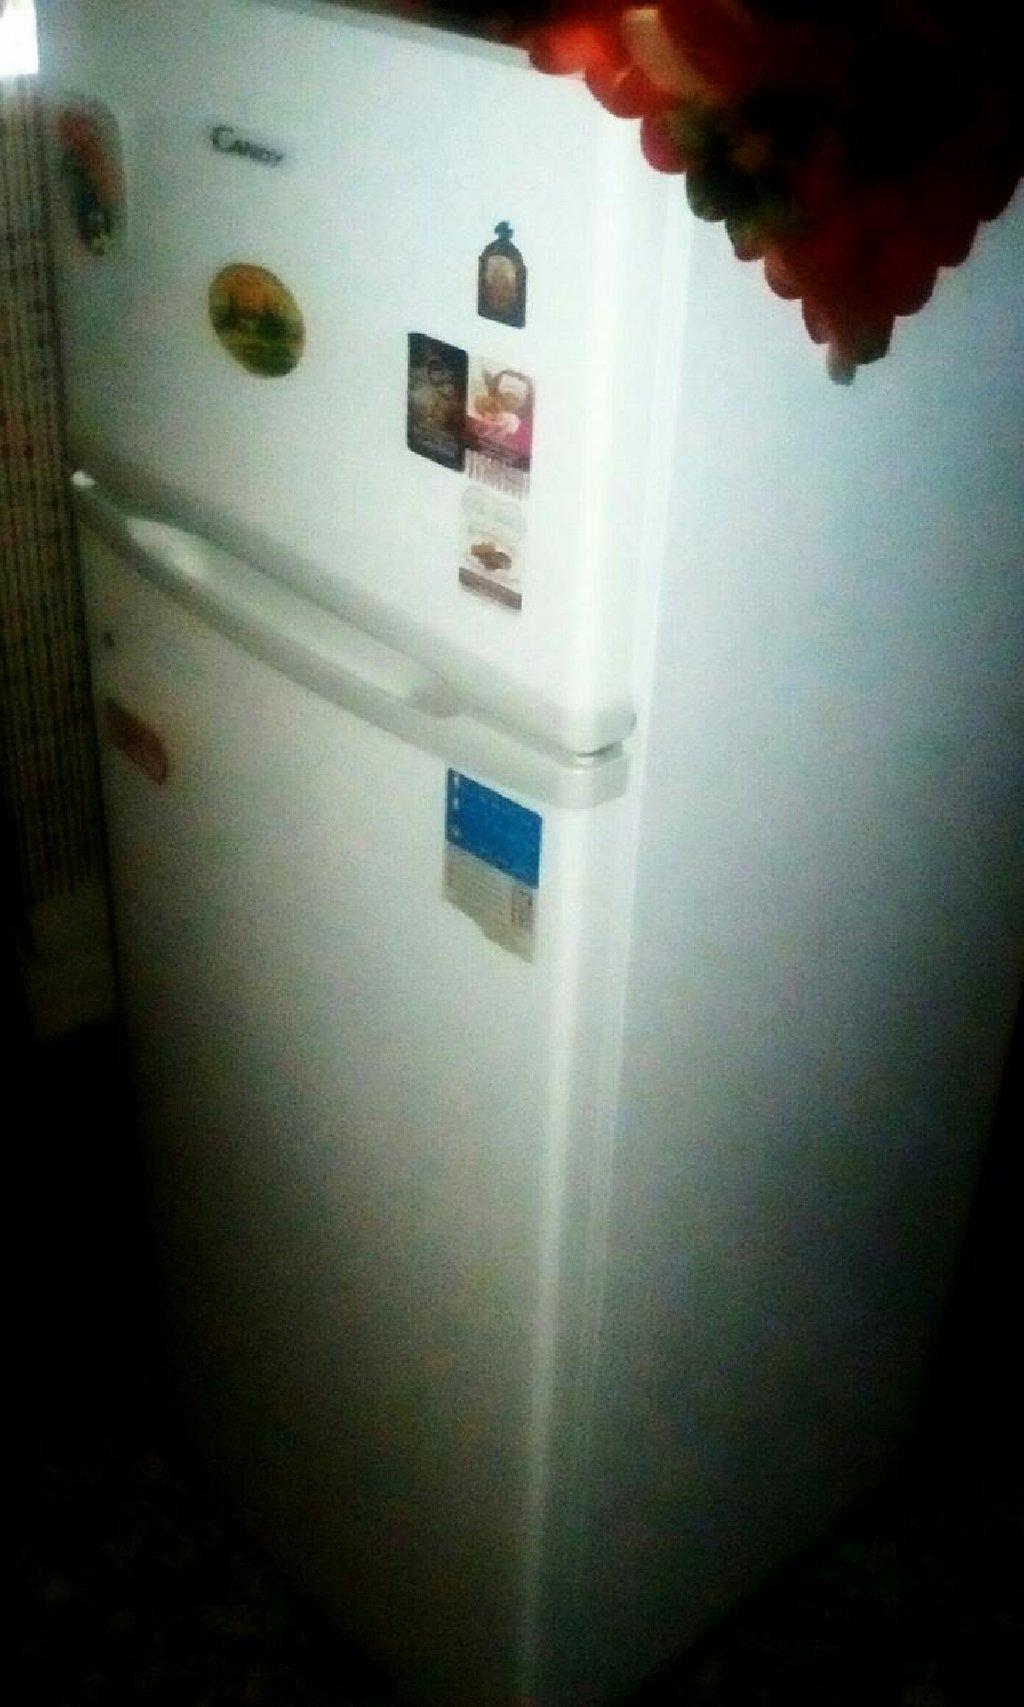 Καινούργιο Δύο θάλαμο άσπρο refrigerator Candy